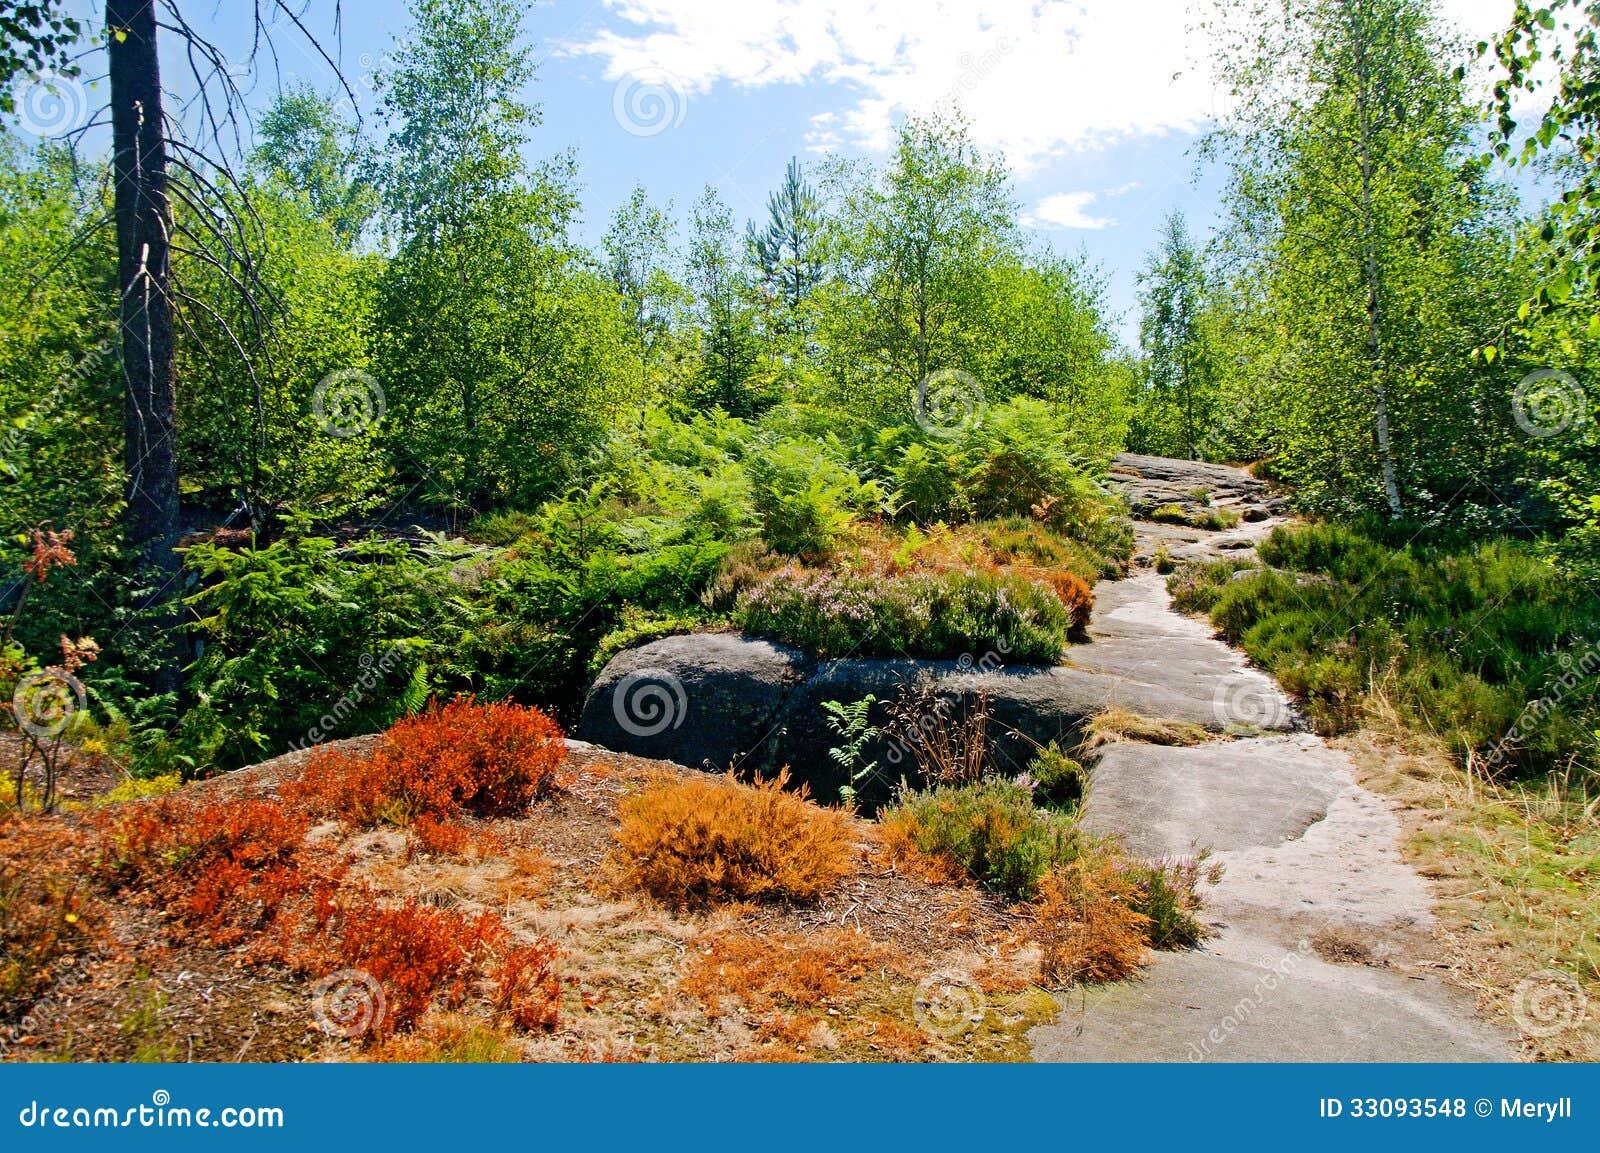 夏天森林背景图片